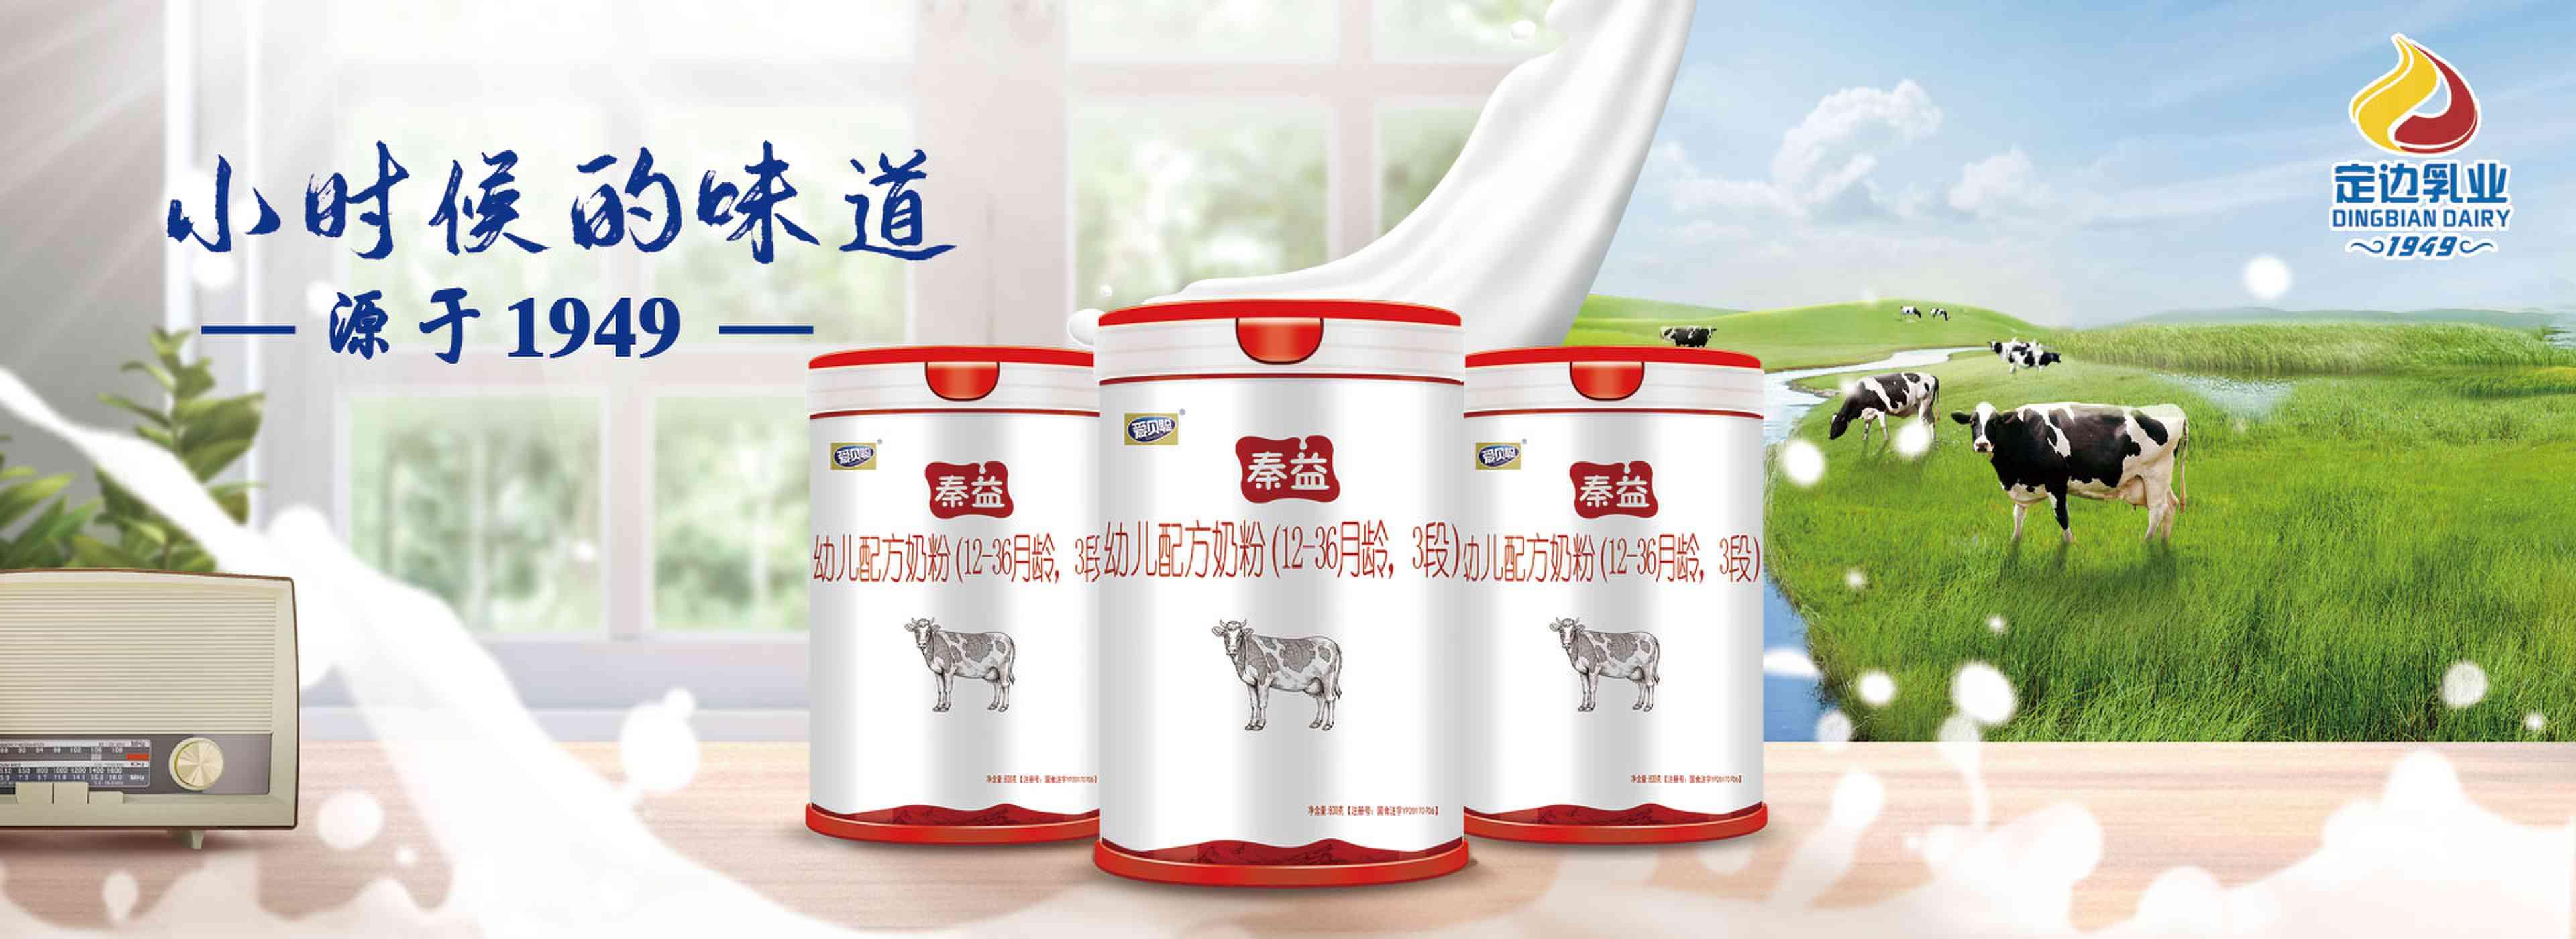 公司是陕西省首批婴幼儿奶粉生产许可通过的企业,并通过了IS09001: 2008国际质量管理体系认证、GMP认证、诚信体系认证。